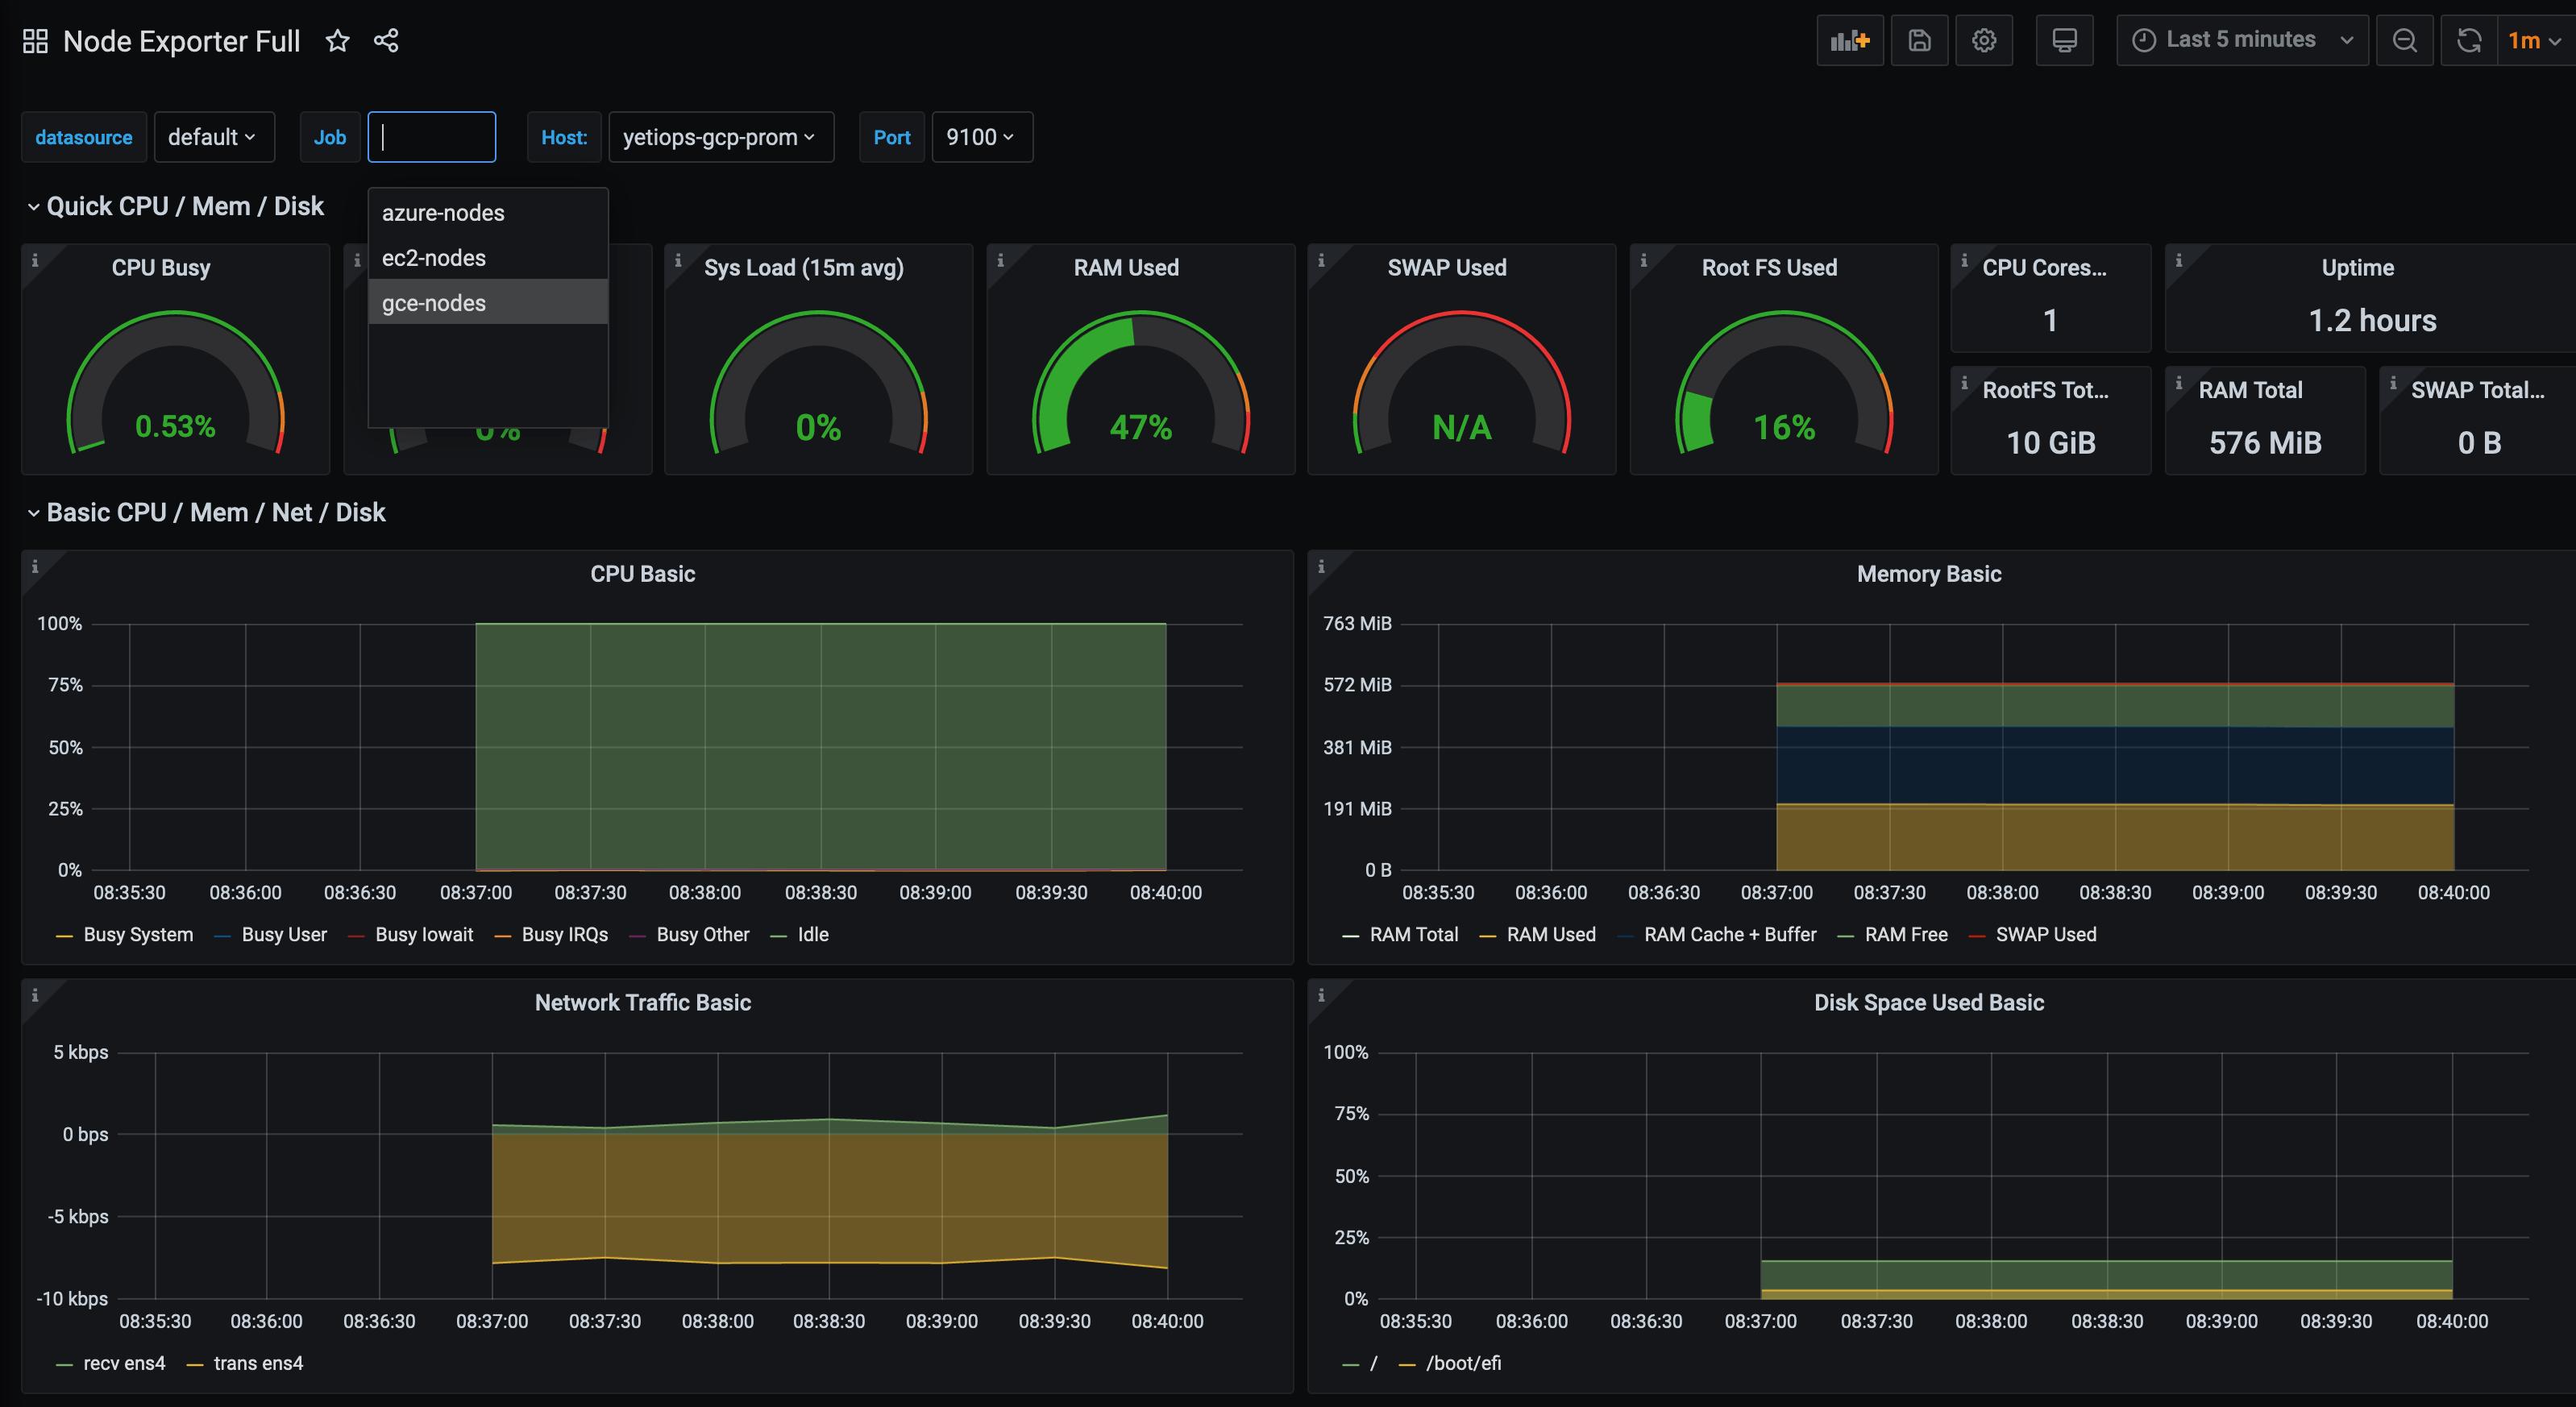 Cloud Node Exporter Dashboard